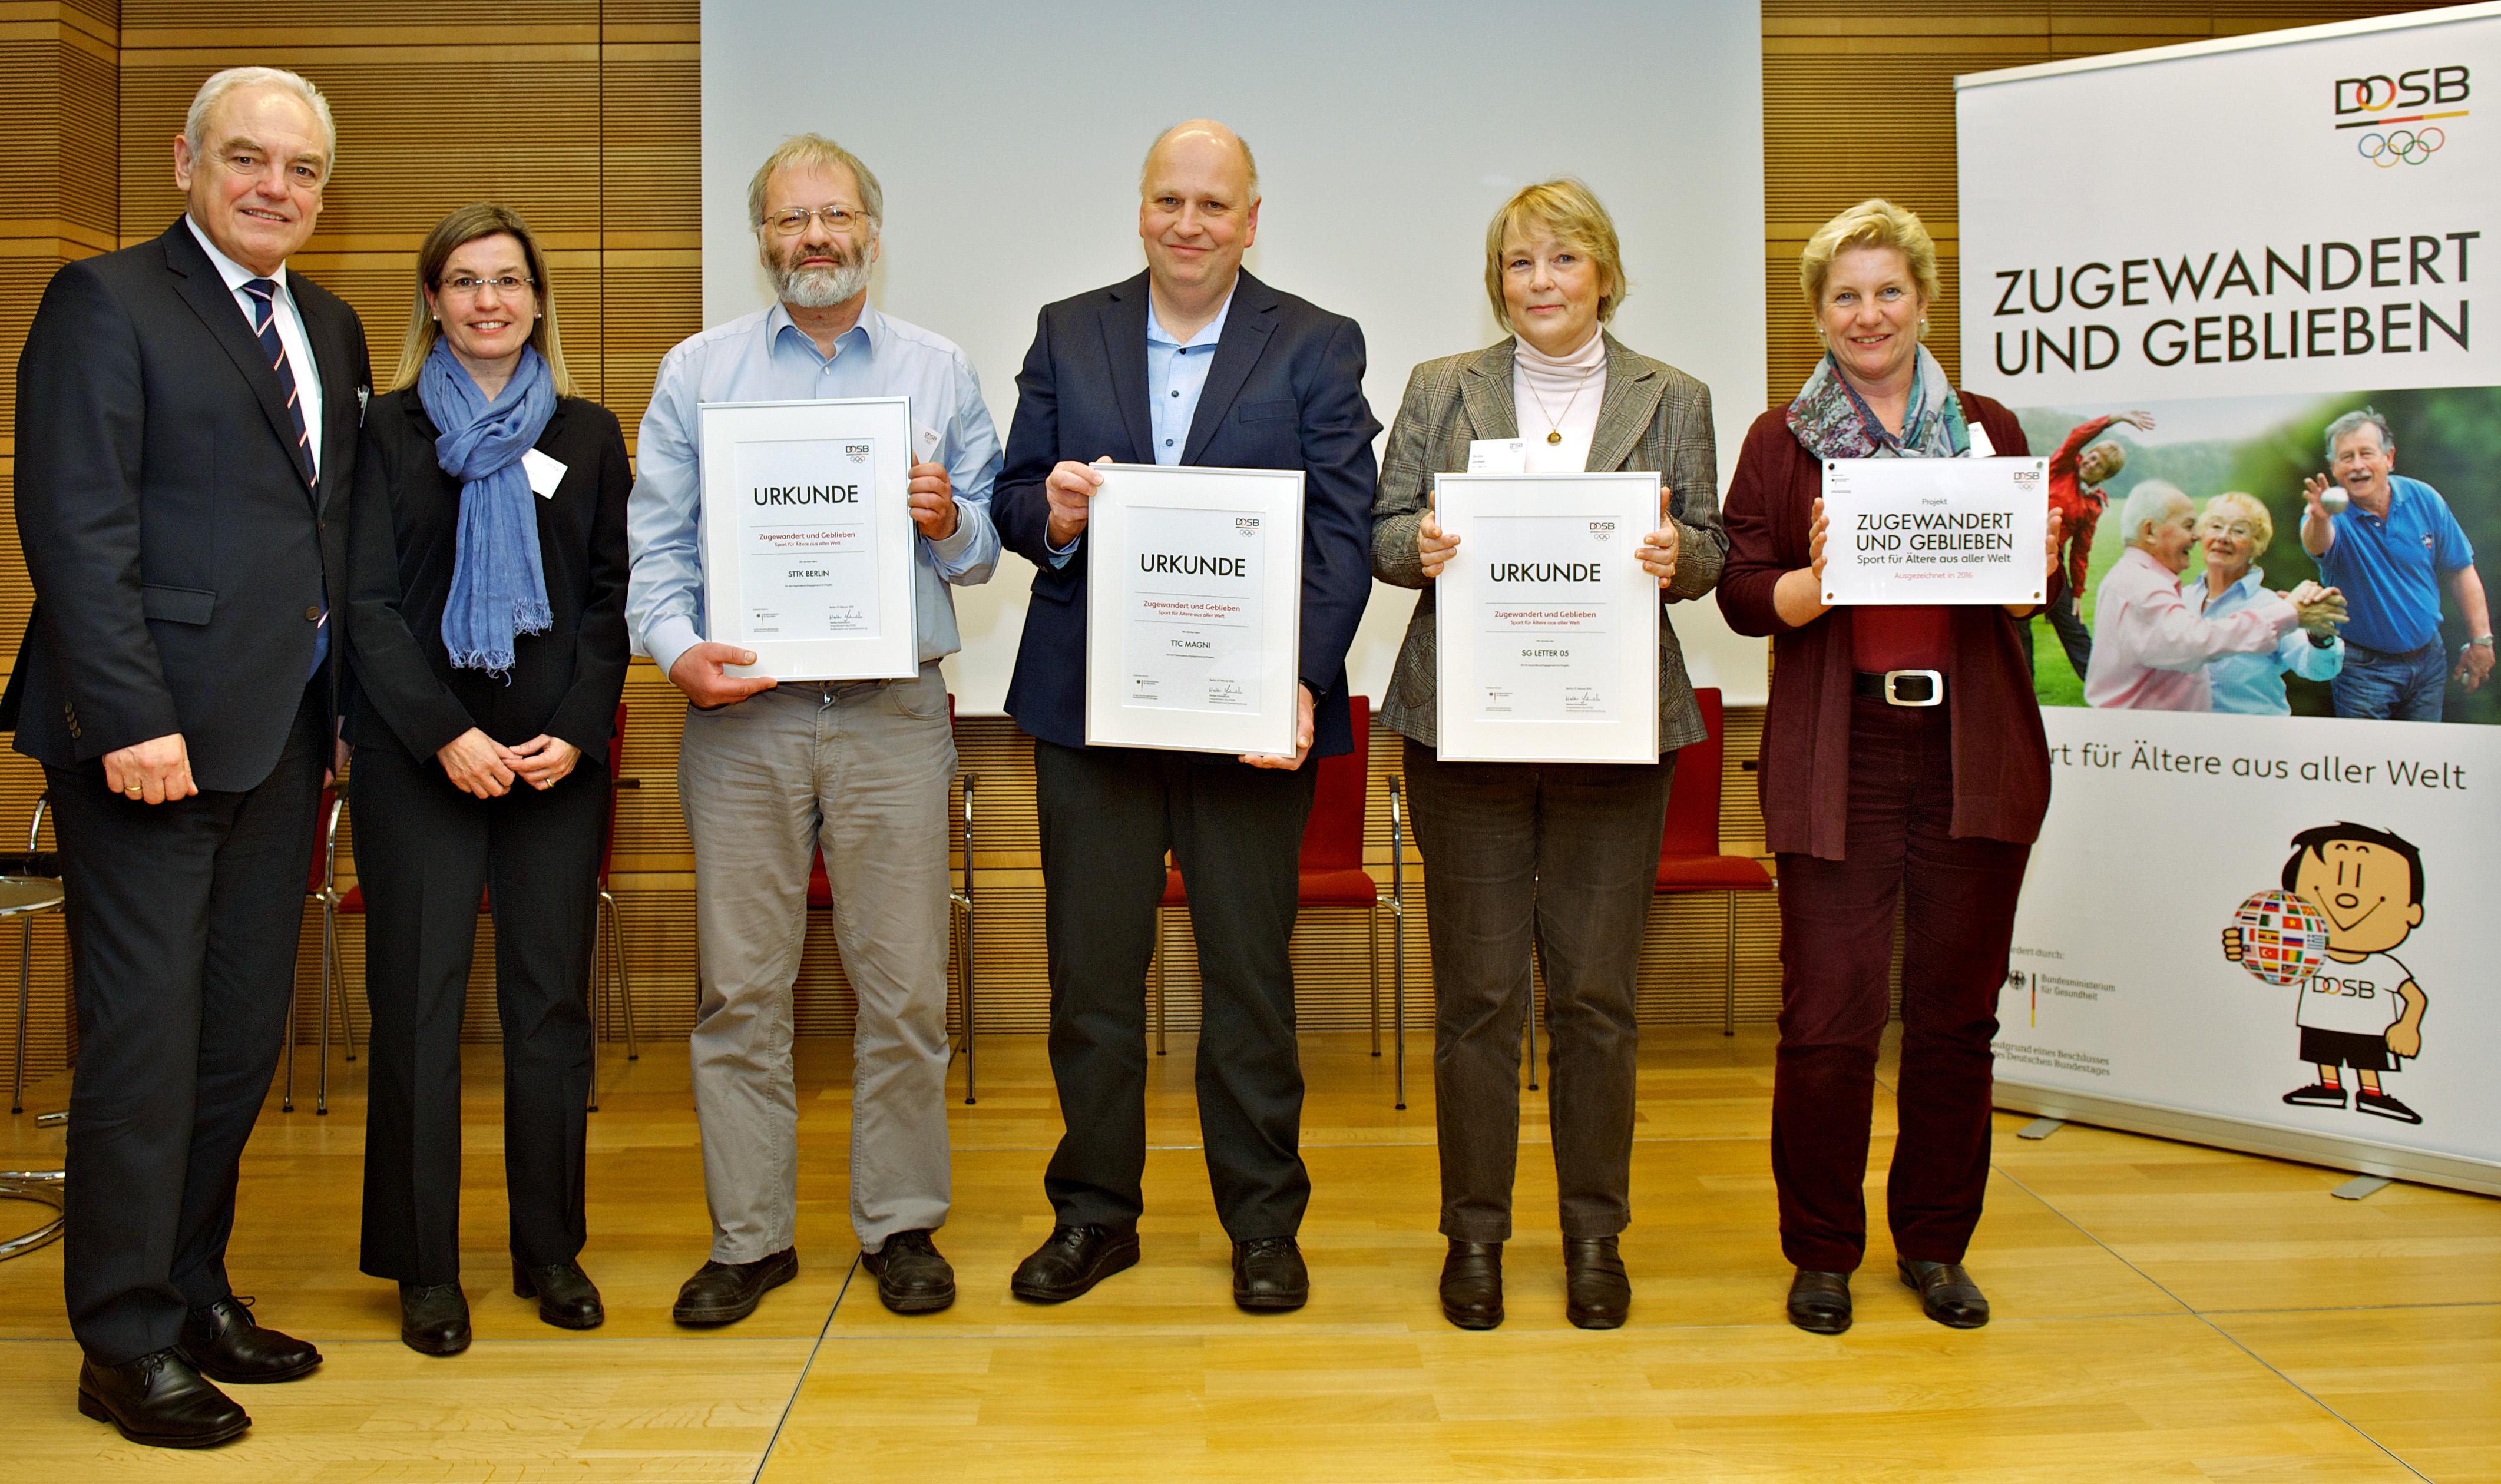 Ehrung für die Vertreter der an ZuG mitwirkenden Vereine durch Walter Schneeloch, Vizepräsident des DOSB (links). (Foto: DOSB/Camera4)